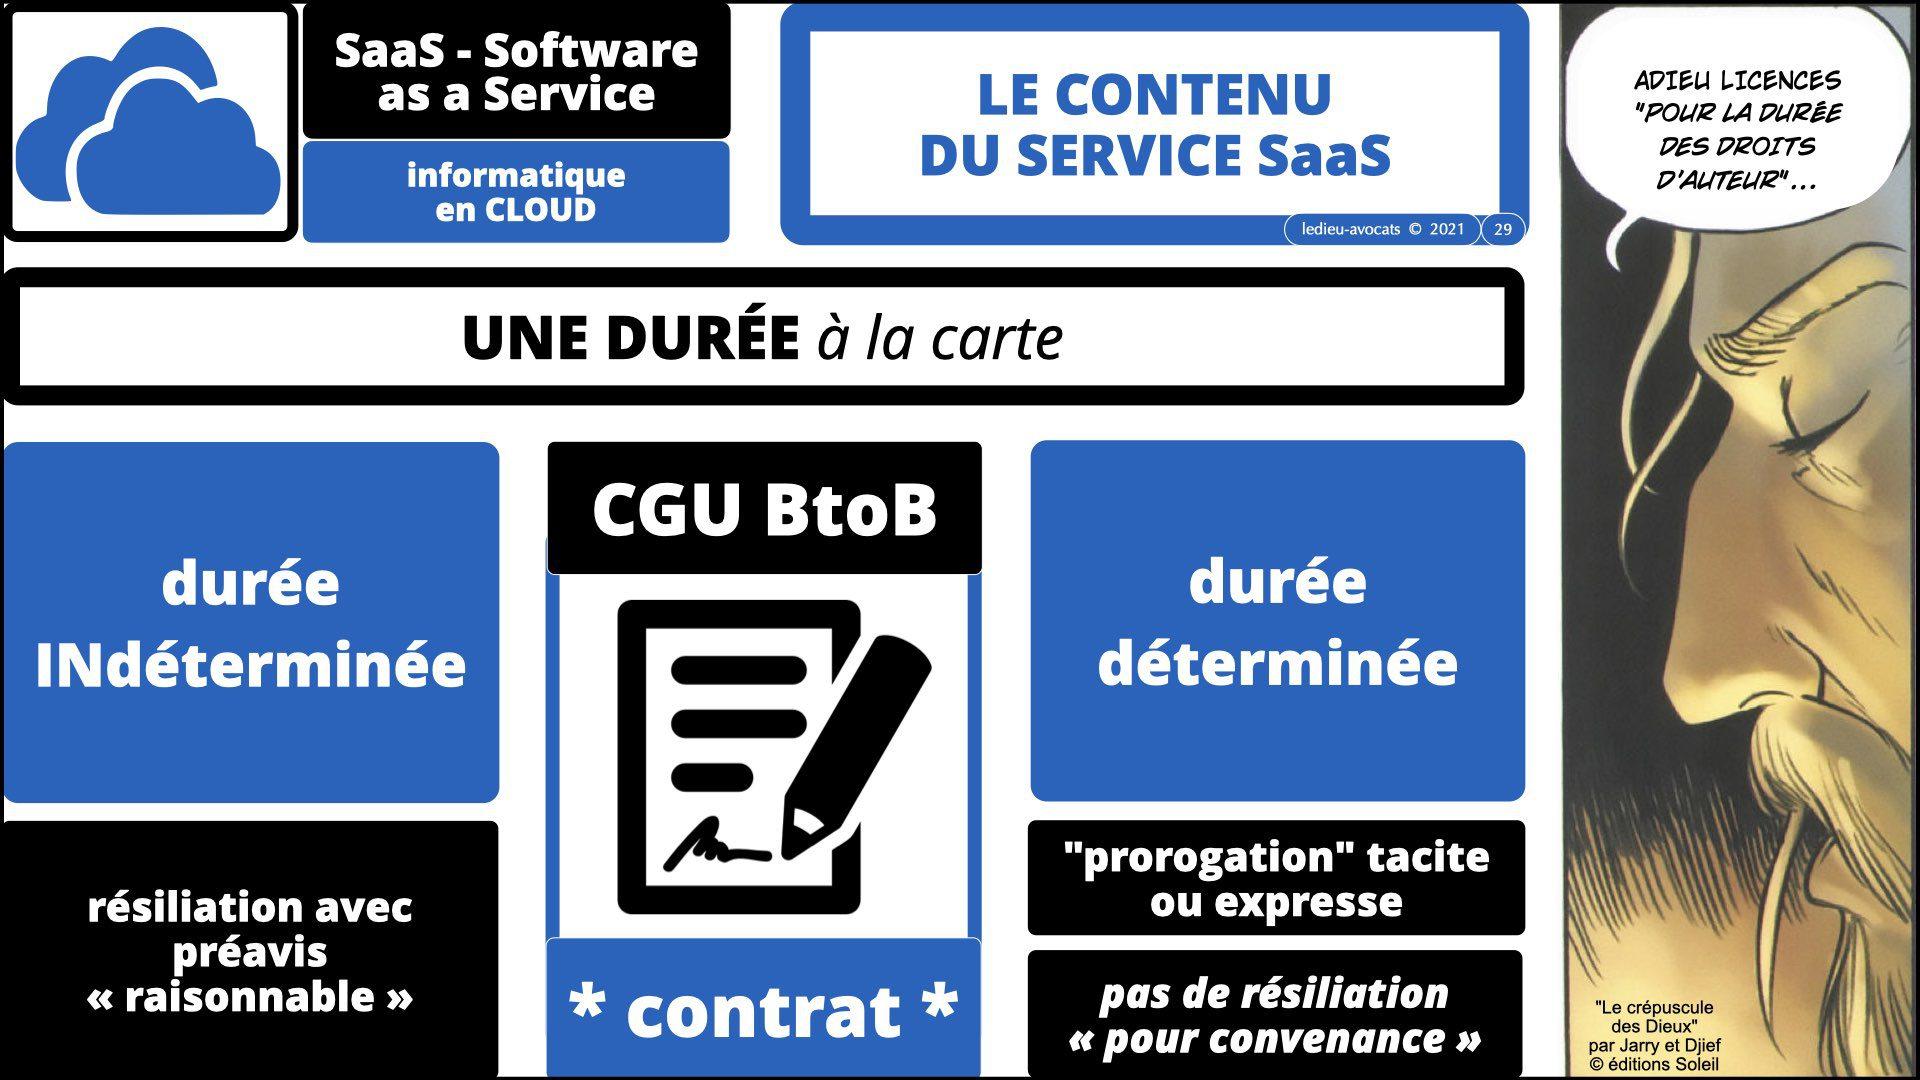 service logiciel SaaS 2021 : la durée du service